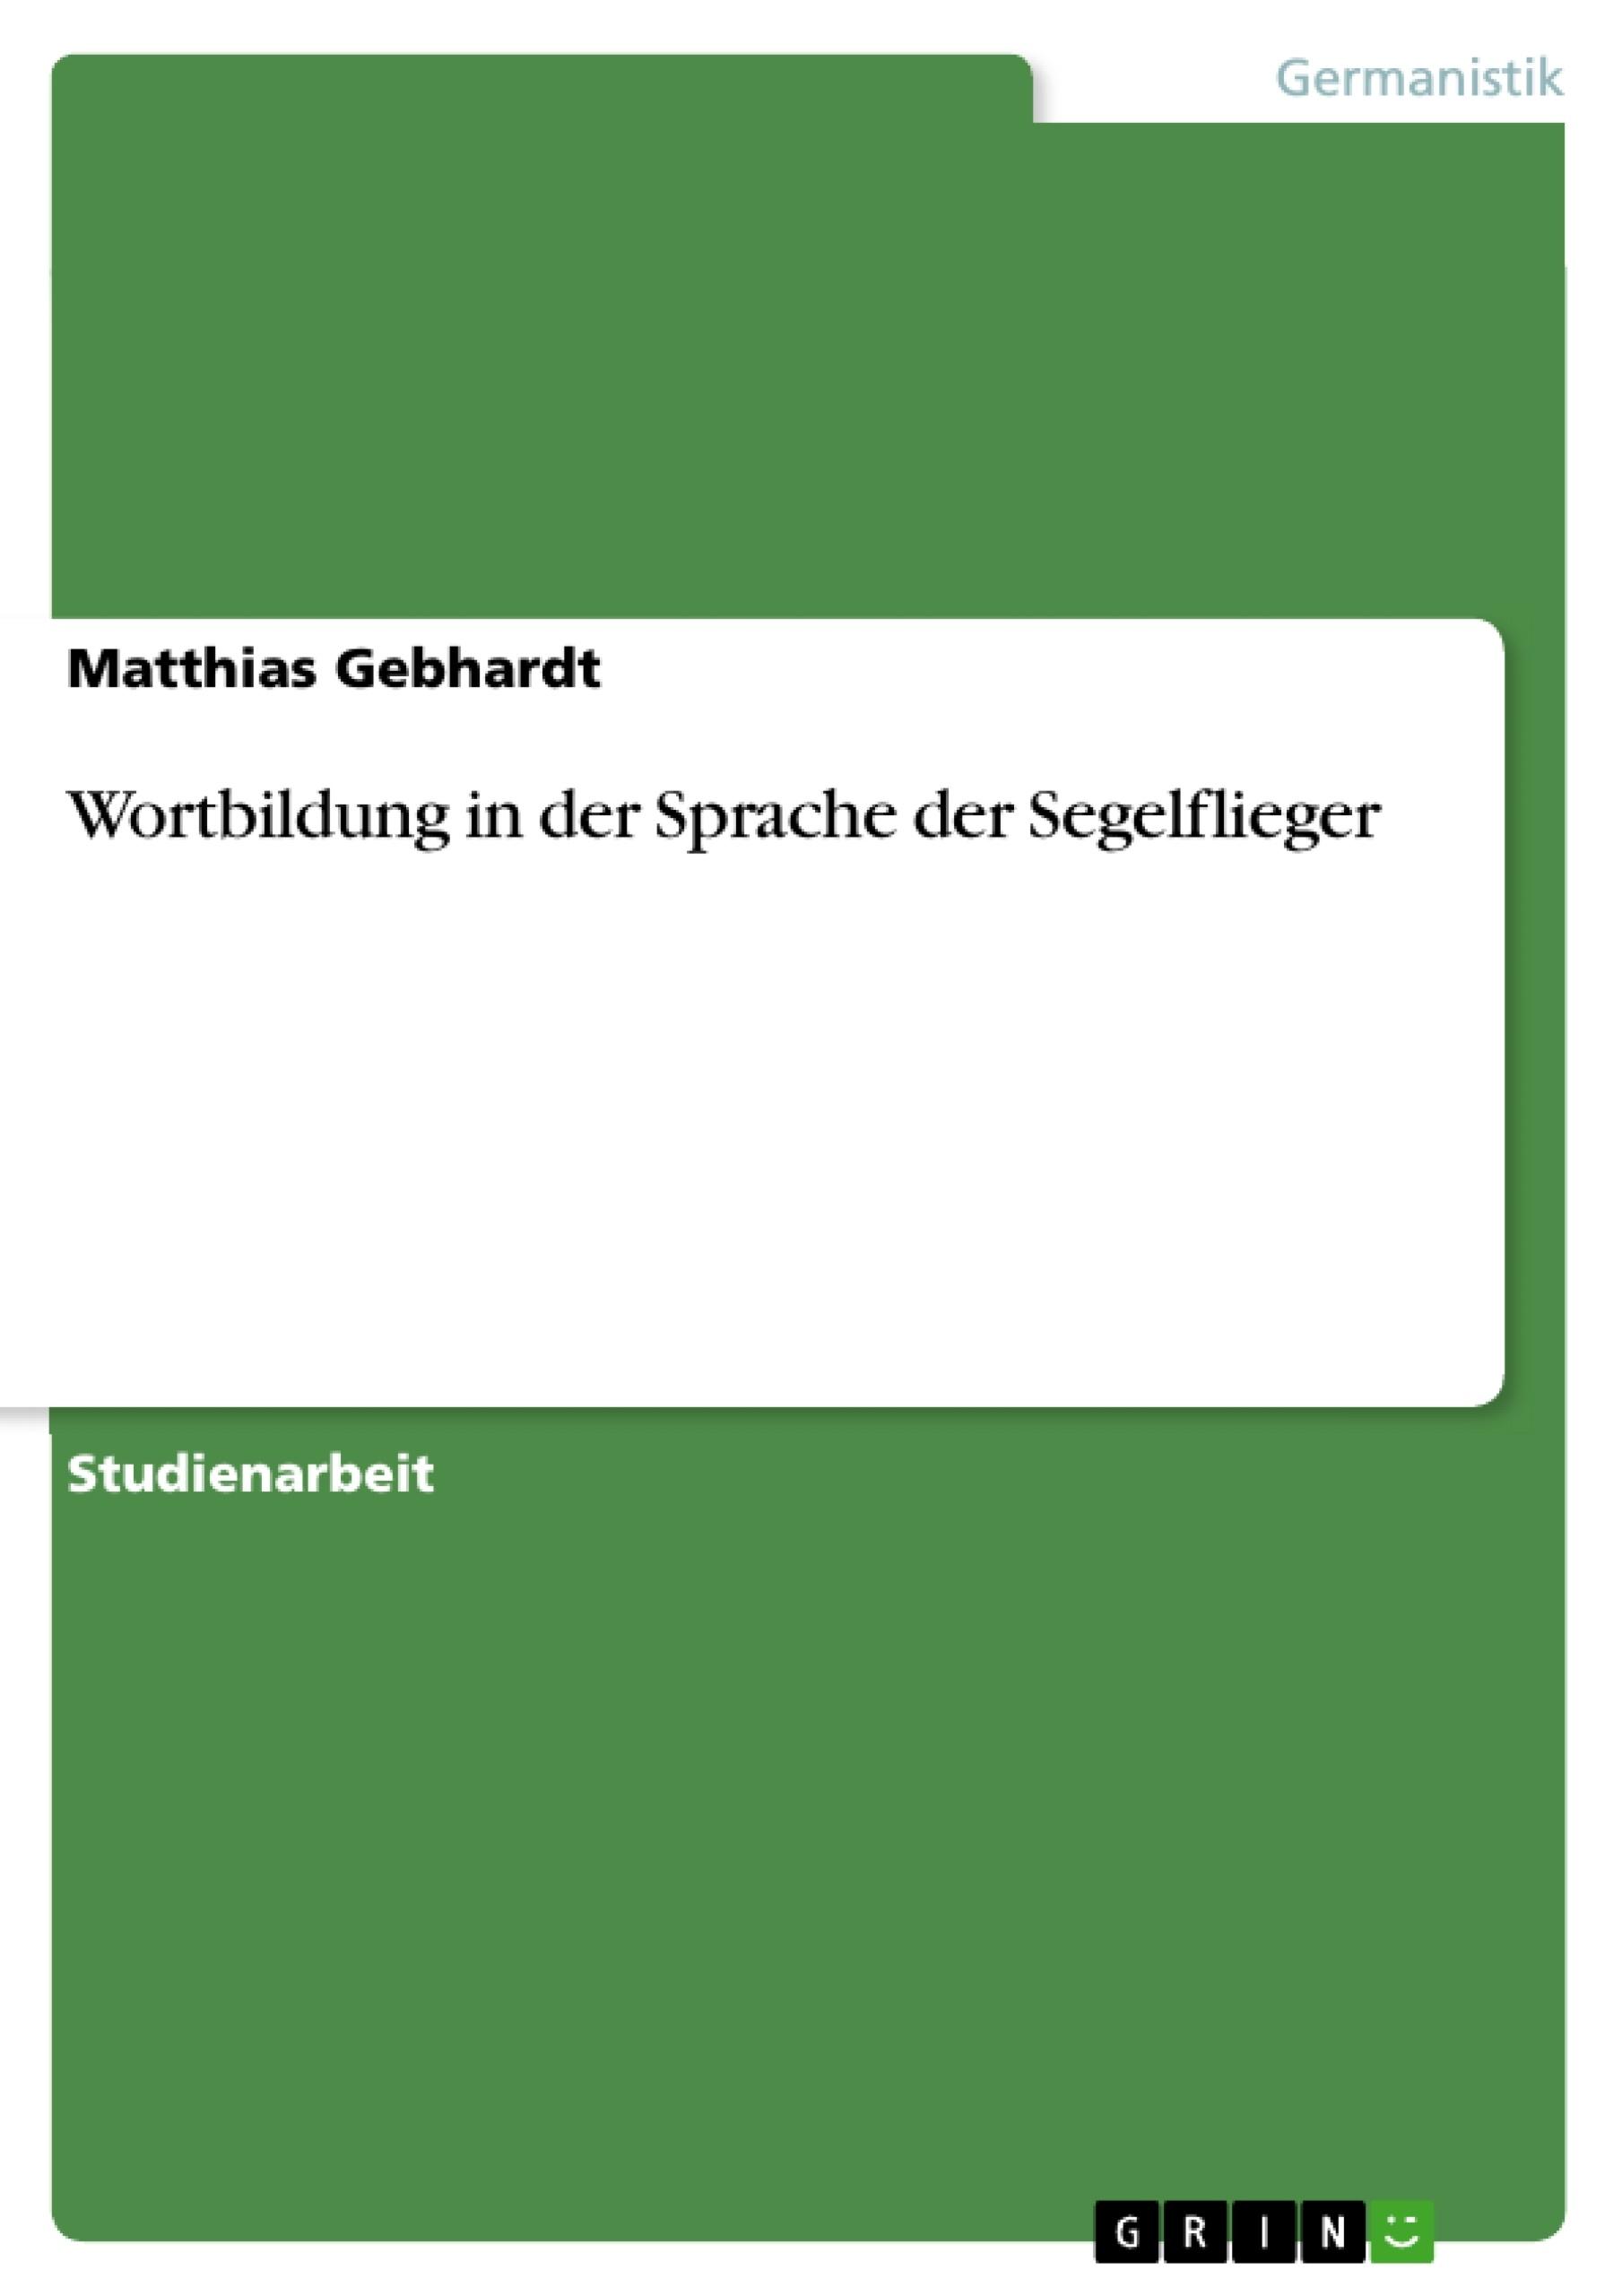 Titel: Wortbildung in der Sprache der Segelflieger